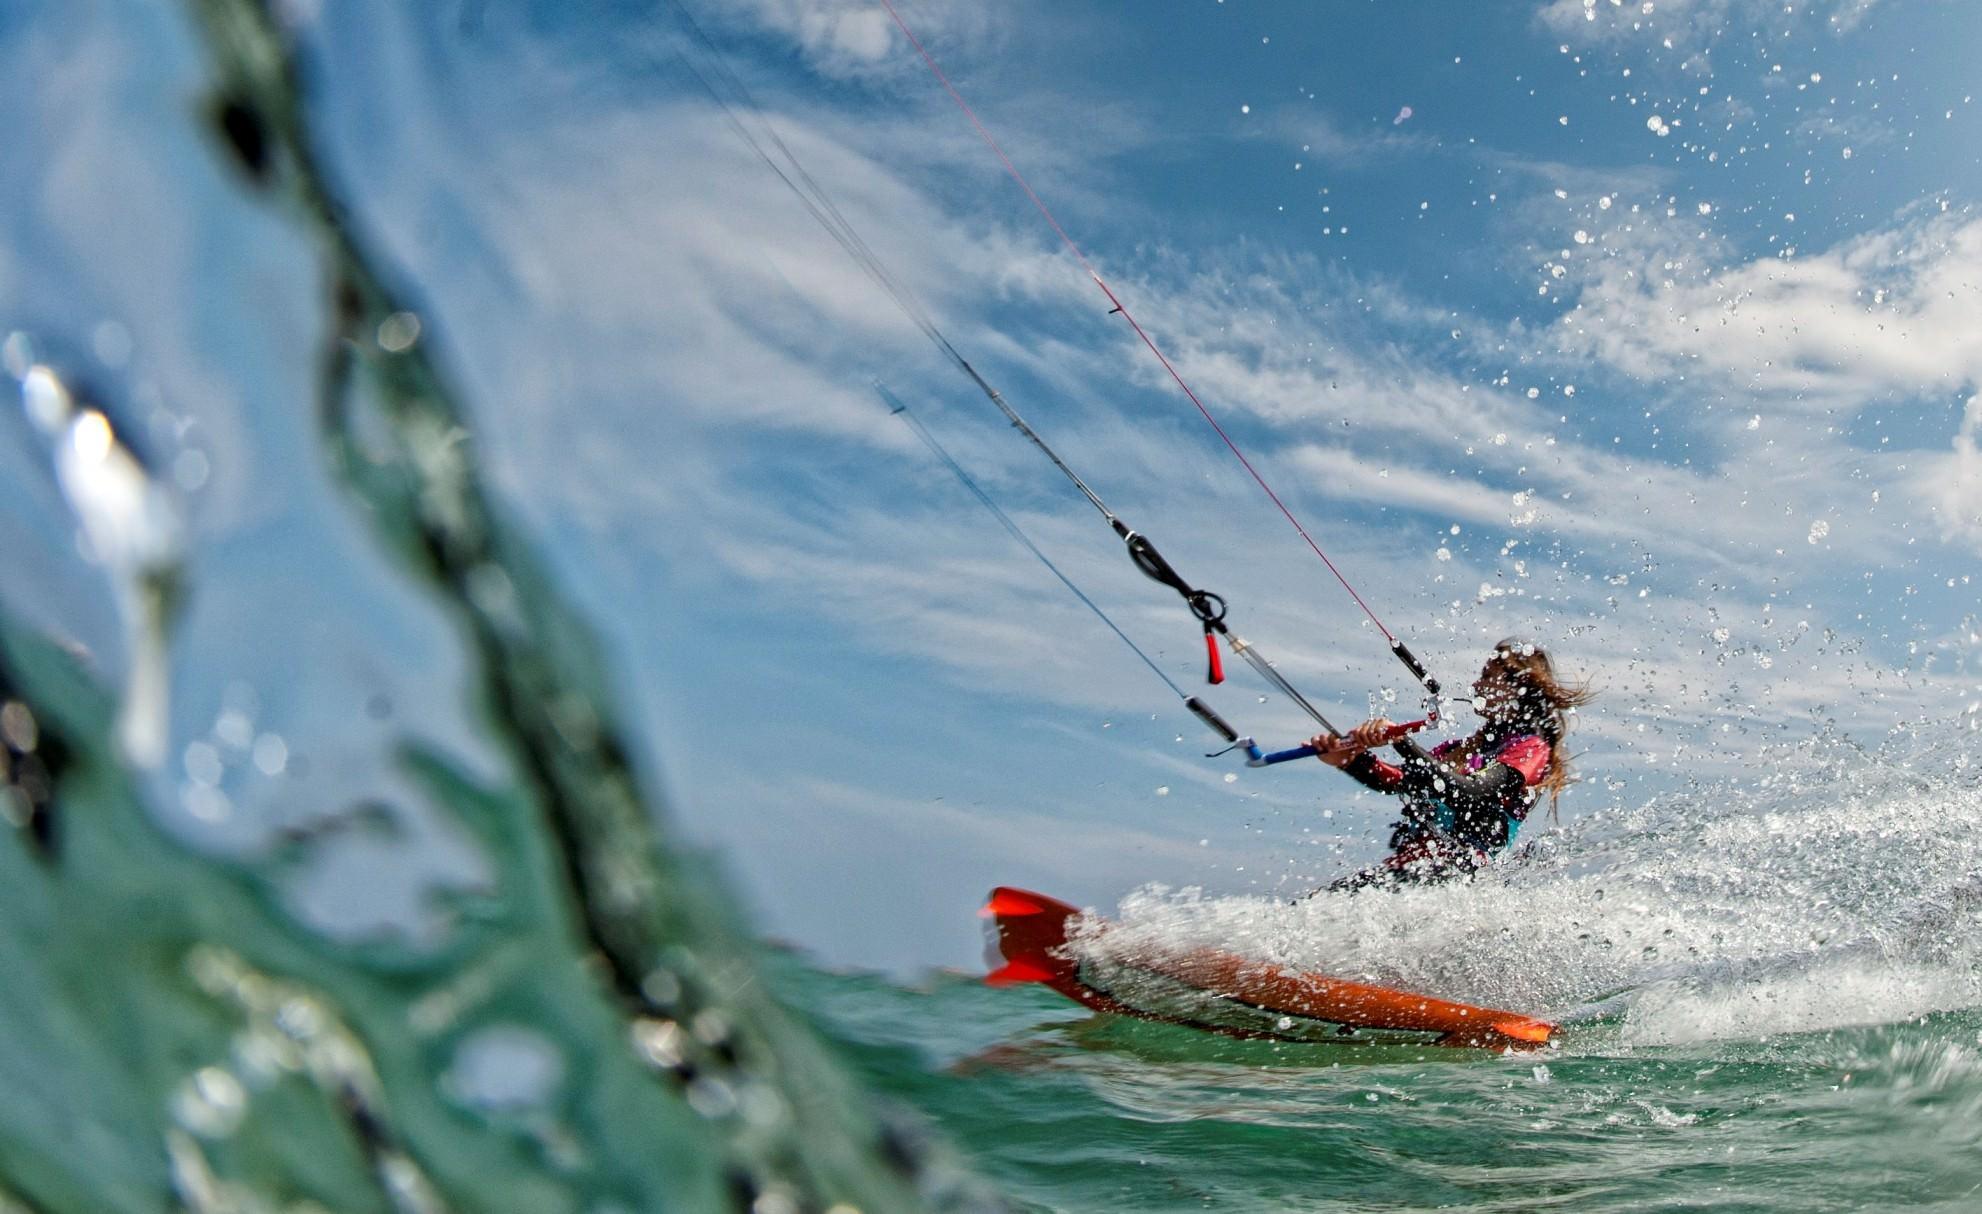 kursy-kite-szkoła-kitecrew-kitesurfing-chałupy1